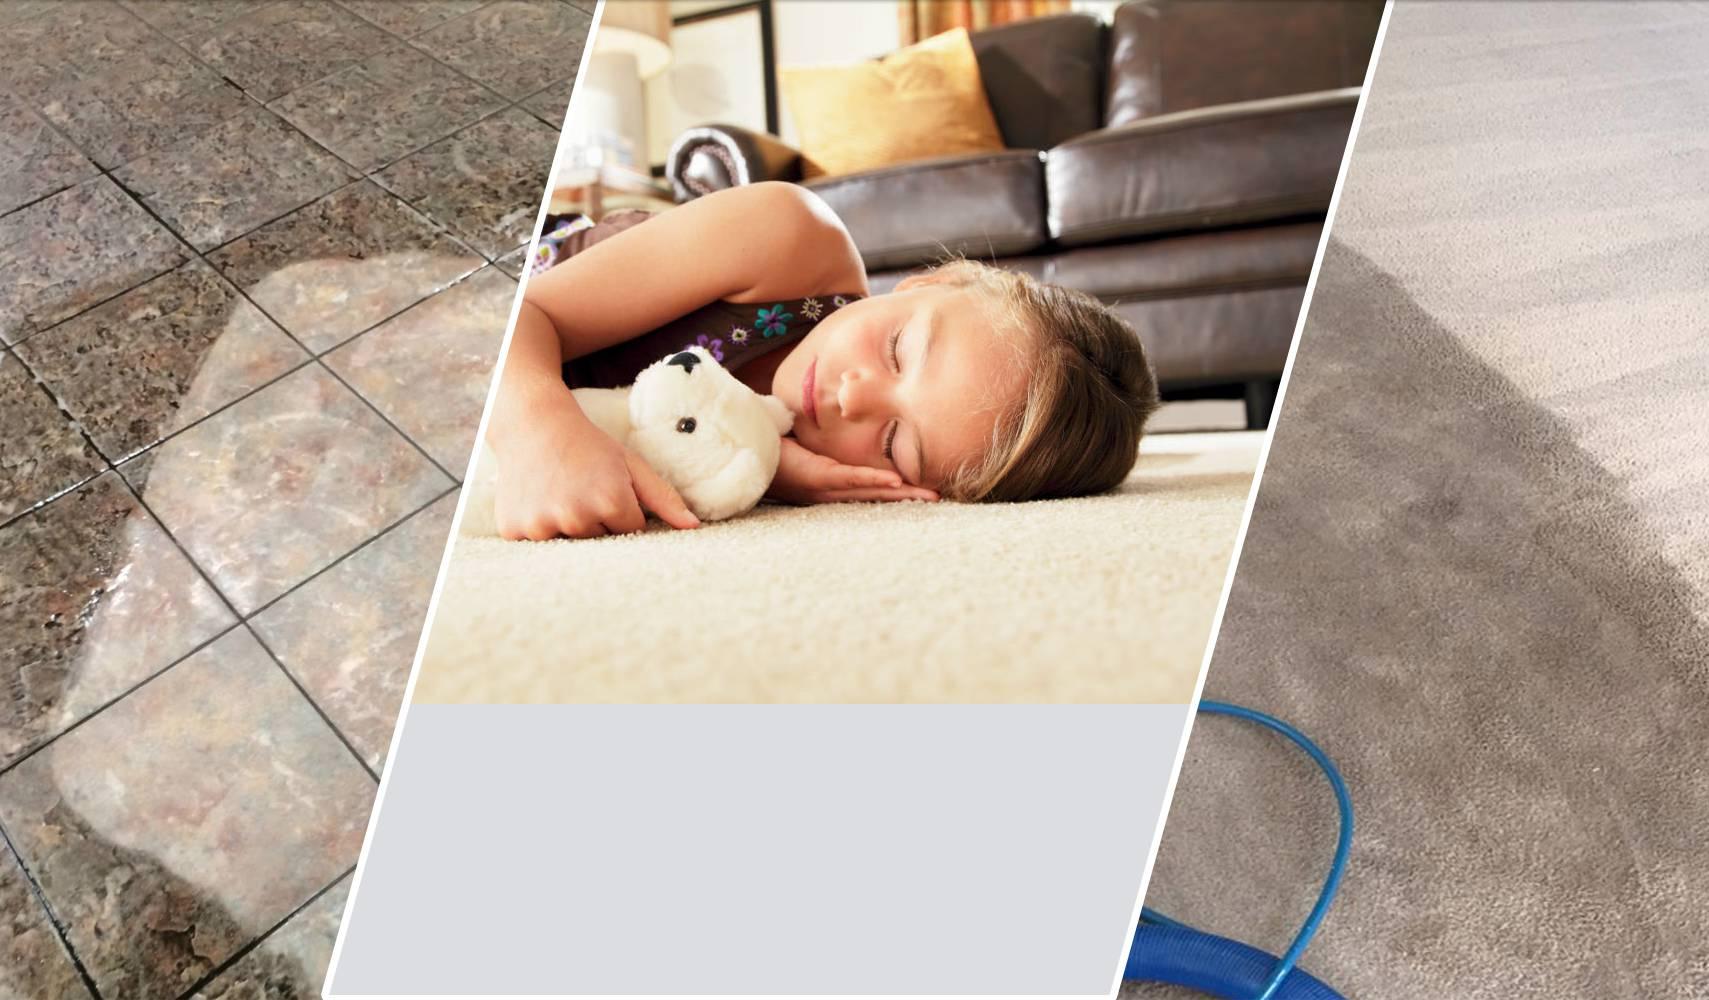 Carpet Cleaning Peoria AZ | Carpet Cleaning Surprise AZ